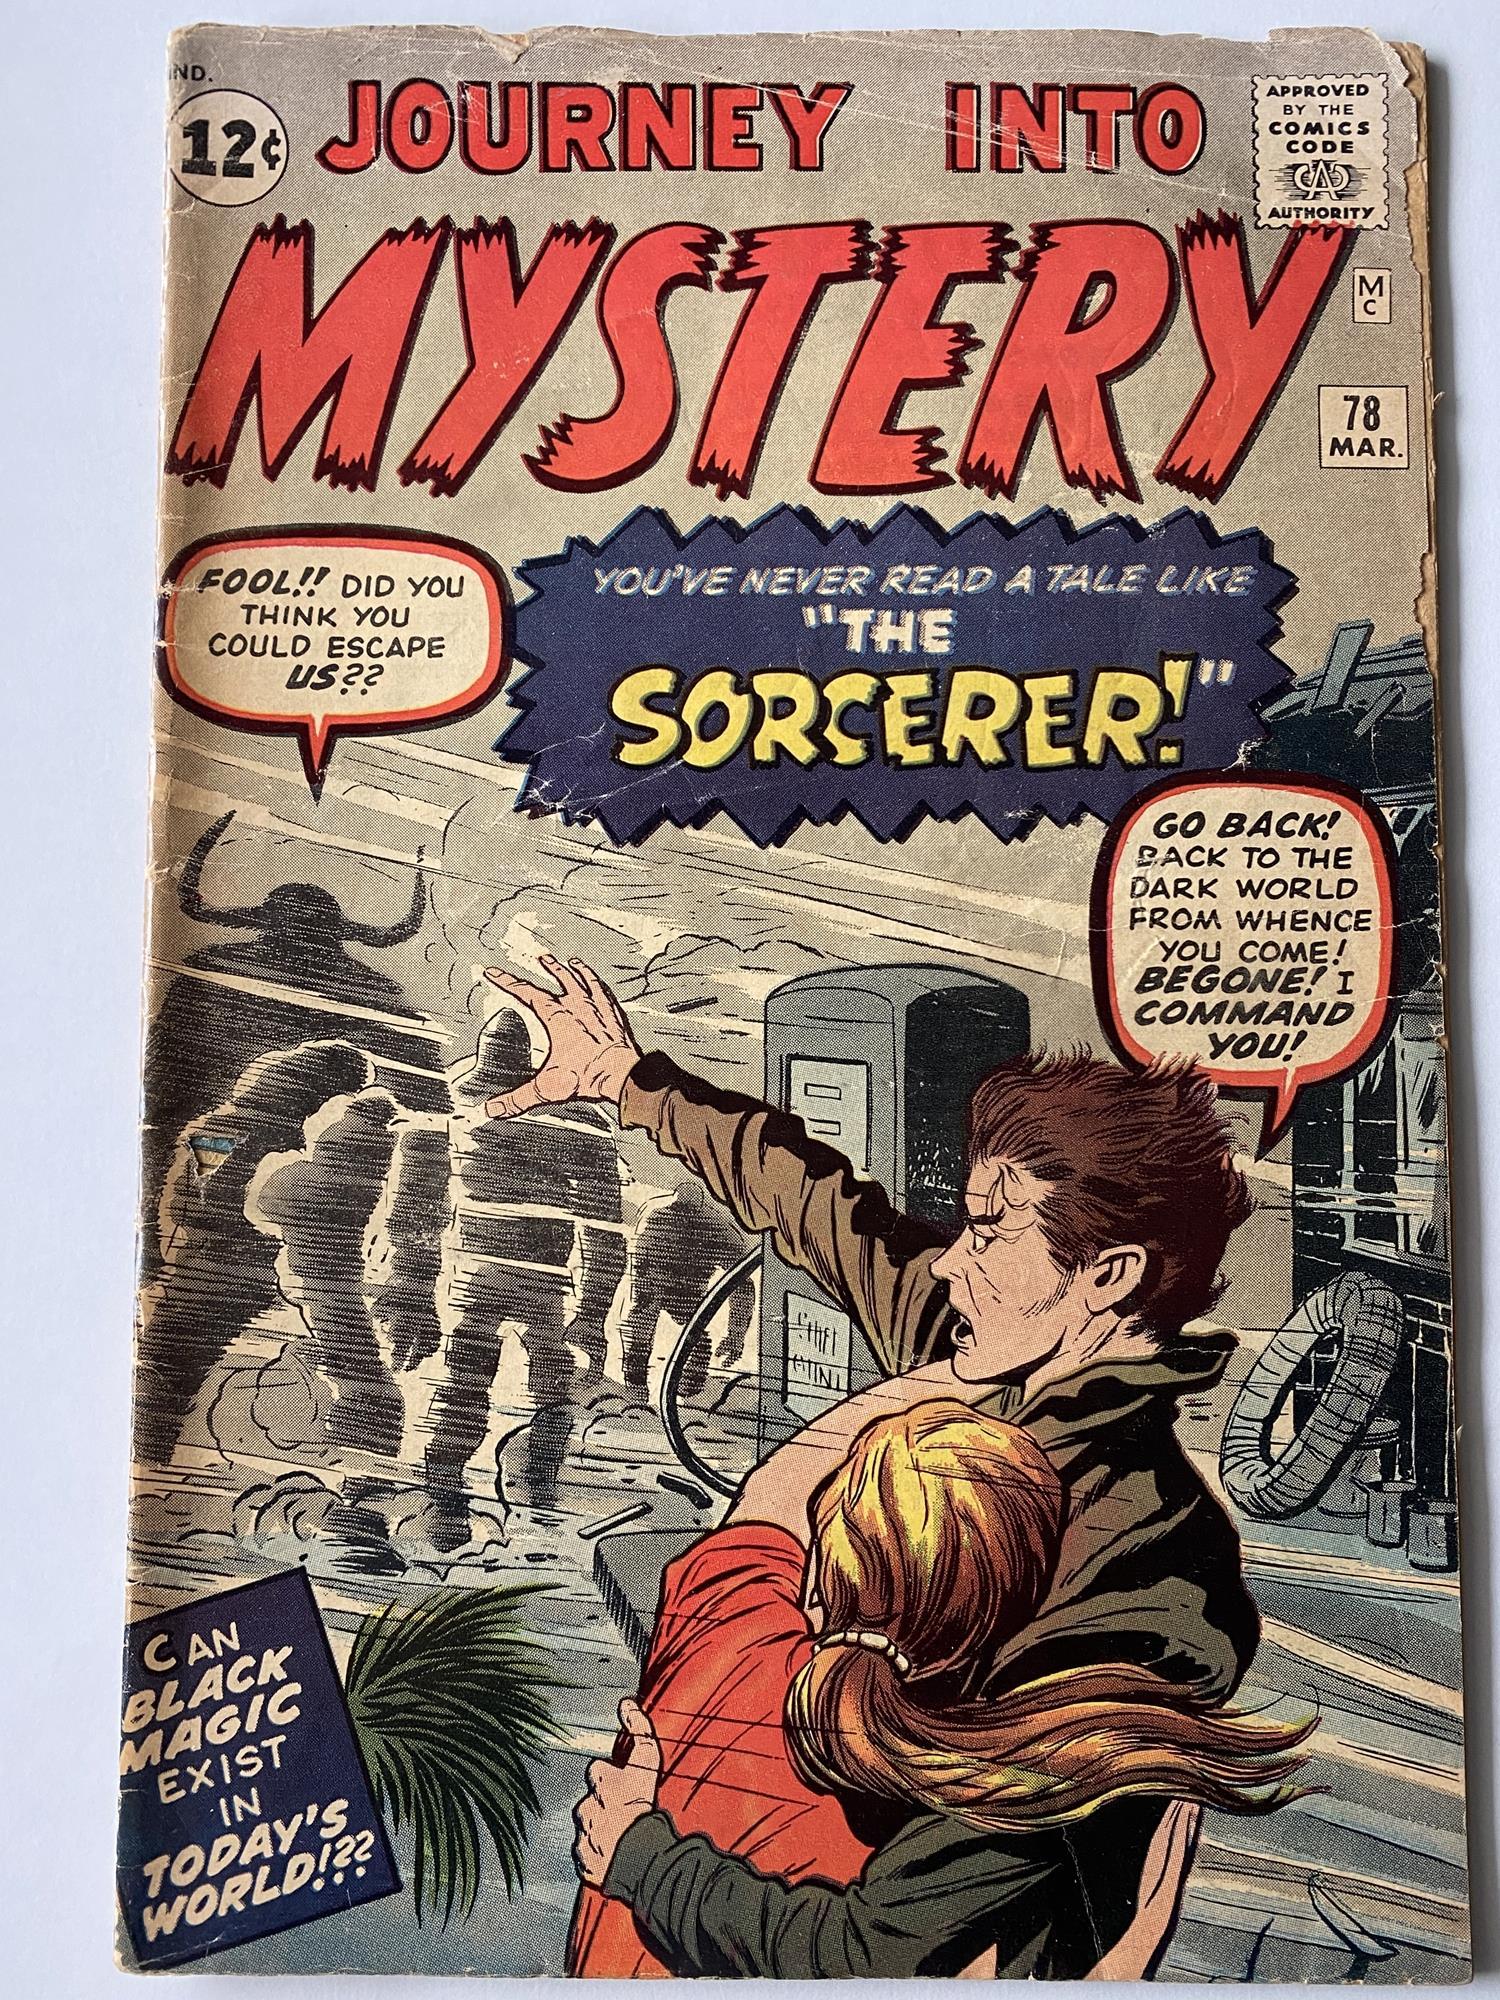 Lot 2 - JOURNEY INTO MYSTERY # 78 - (1962 - MARVEL - Cents Copy) - The Sorcerer (a Doctor Strange prototype)